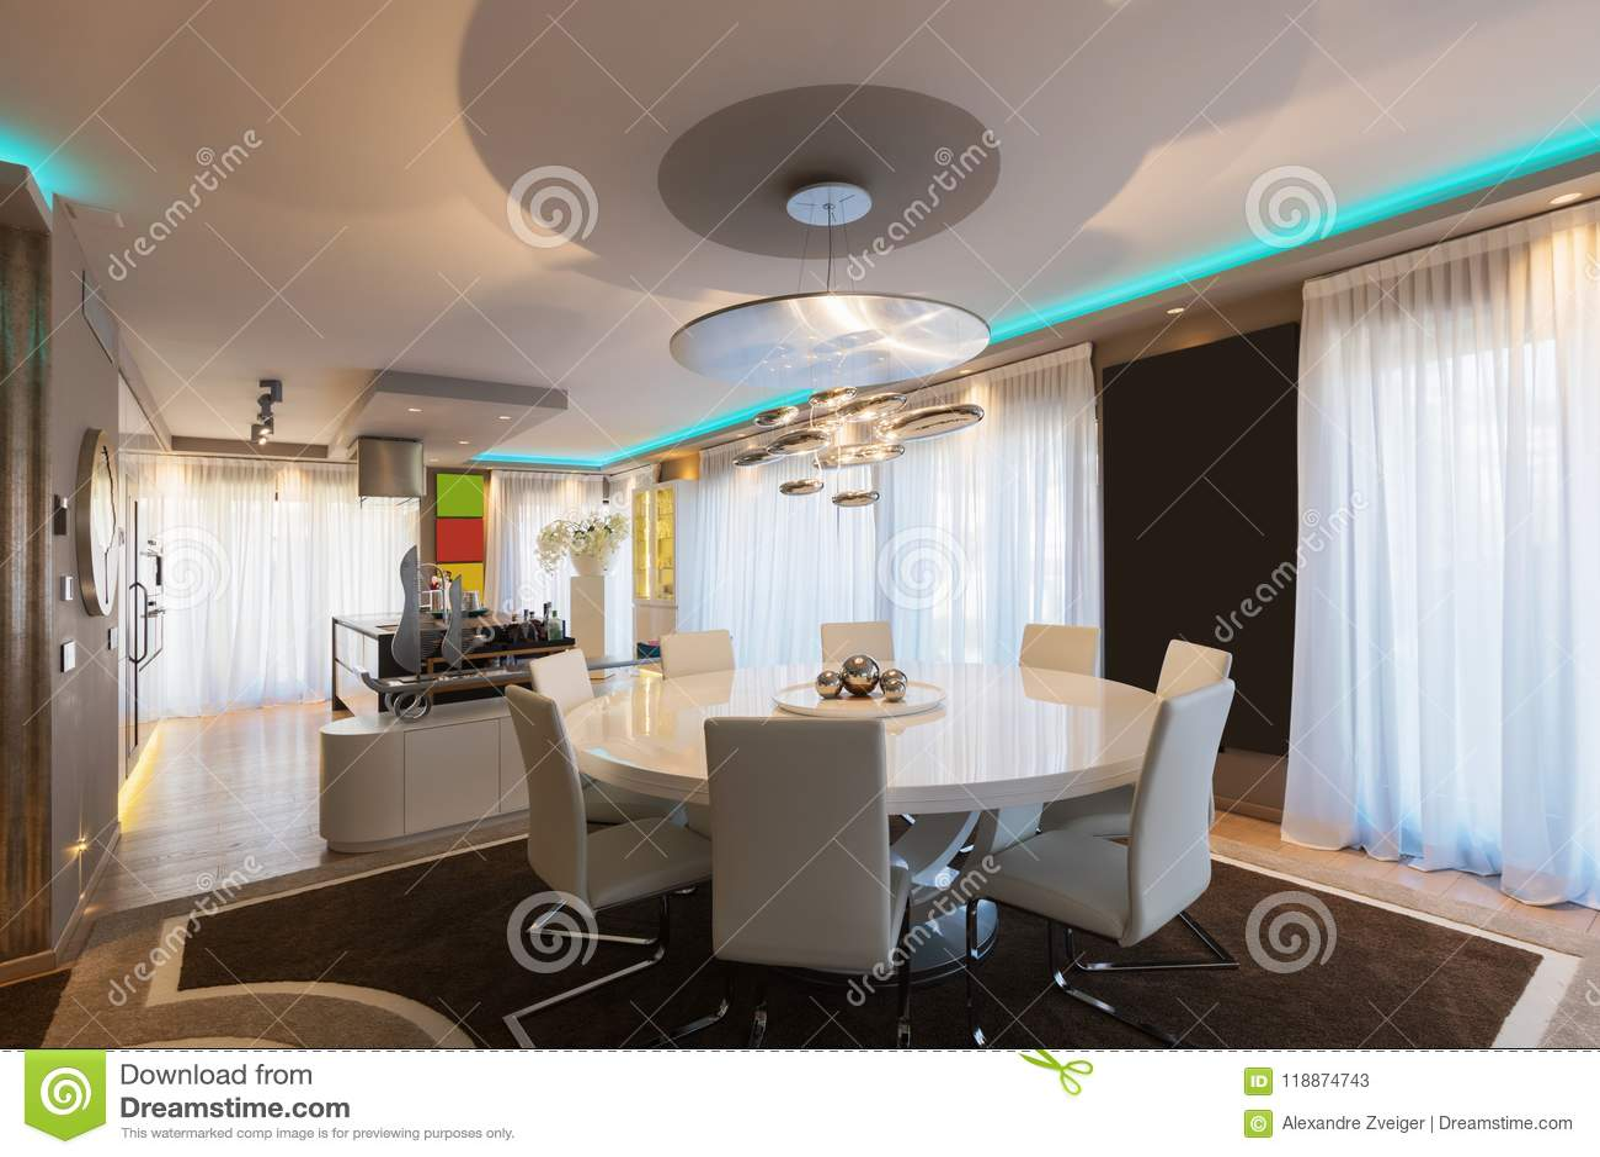 Salle à Manger Avec La Table Ronde Image stock - Image du ...